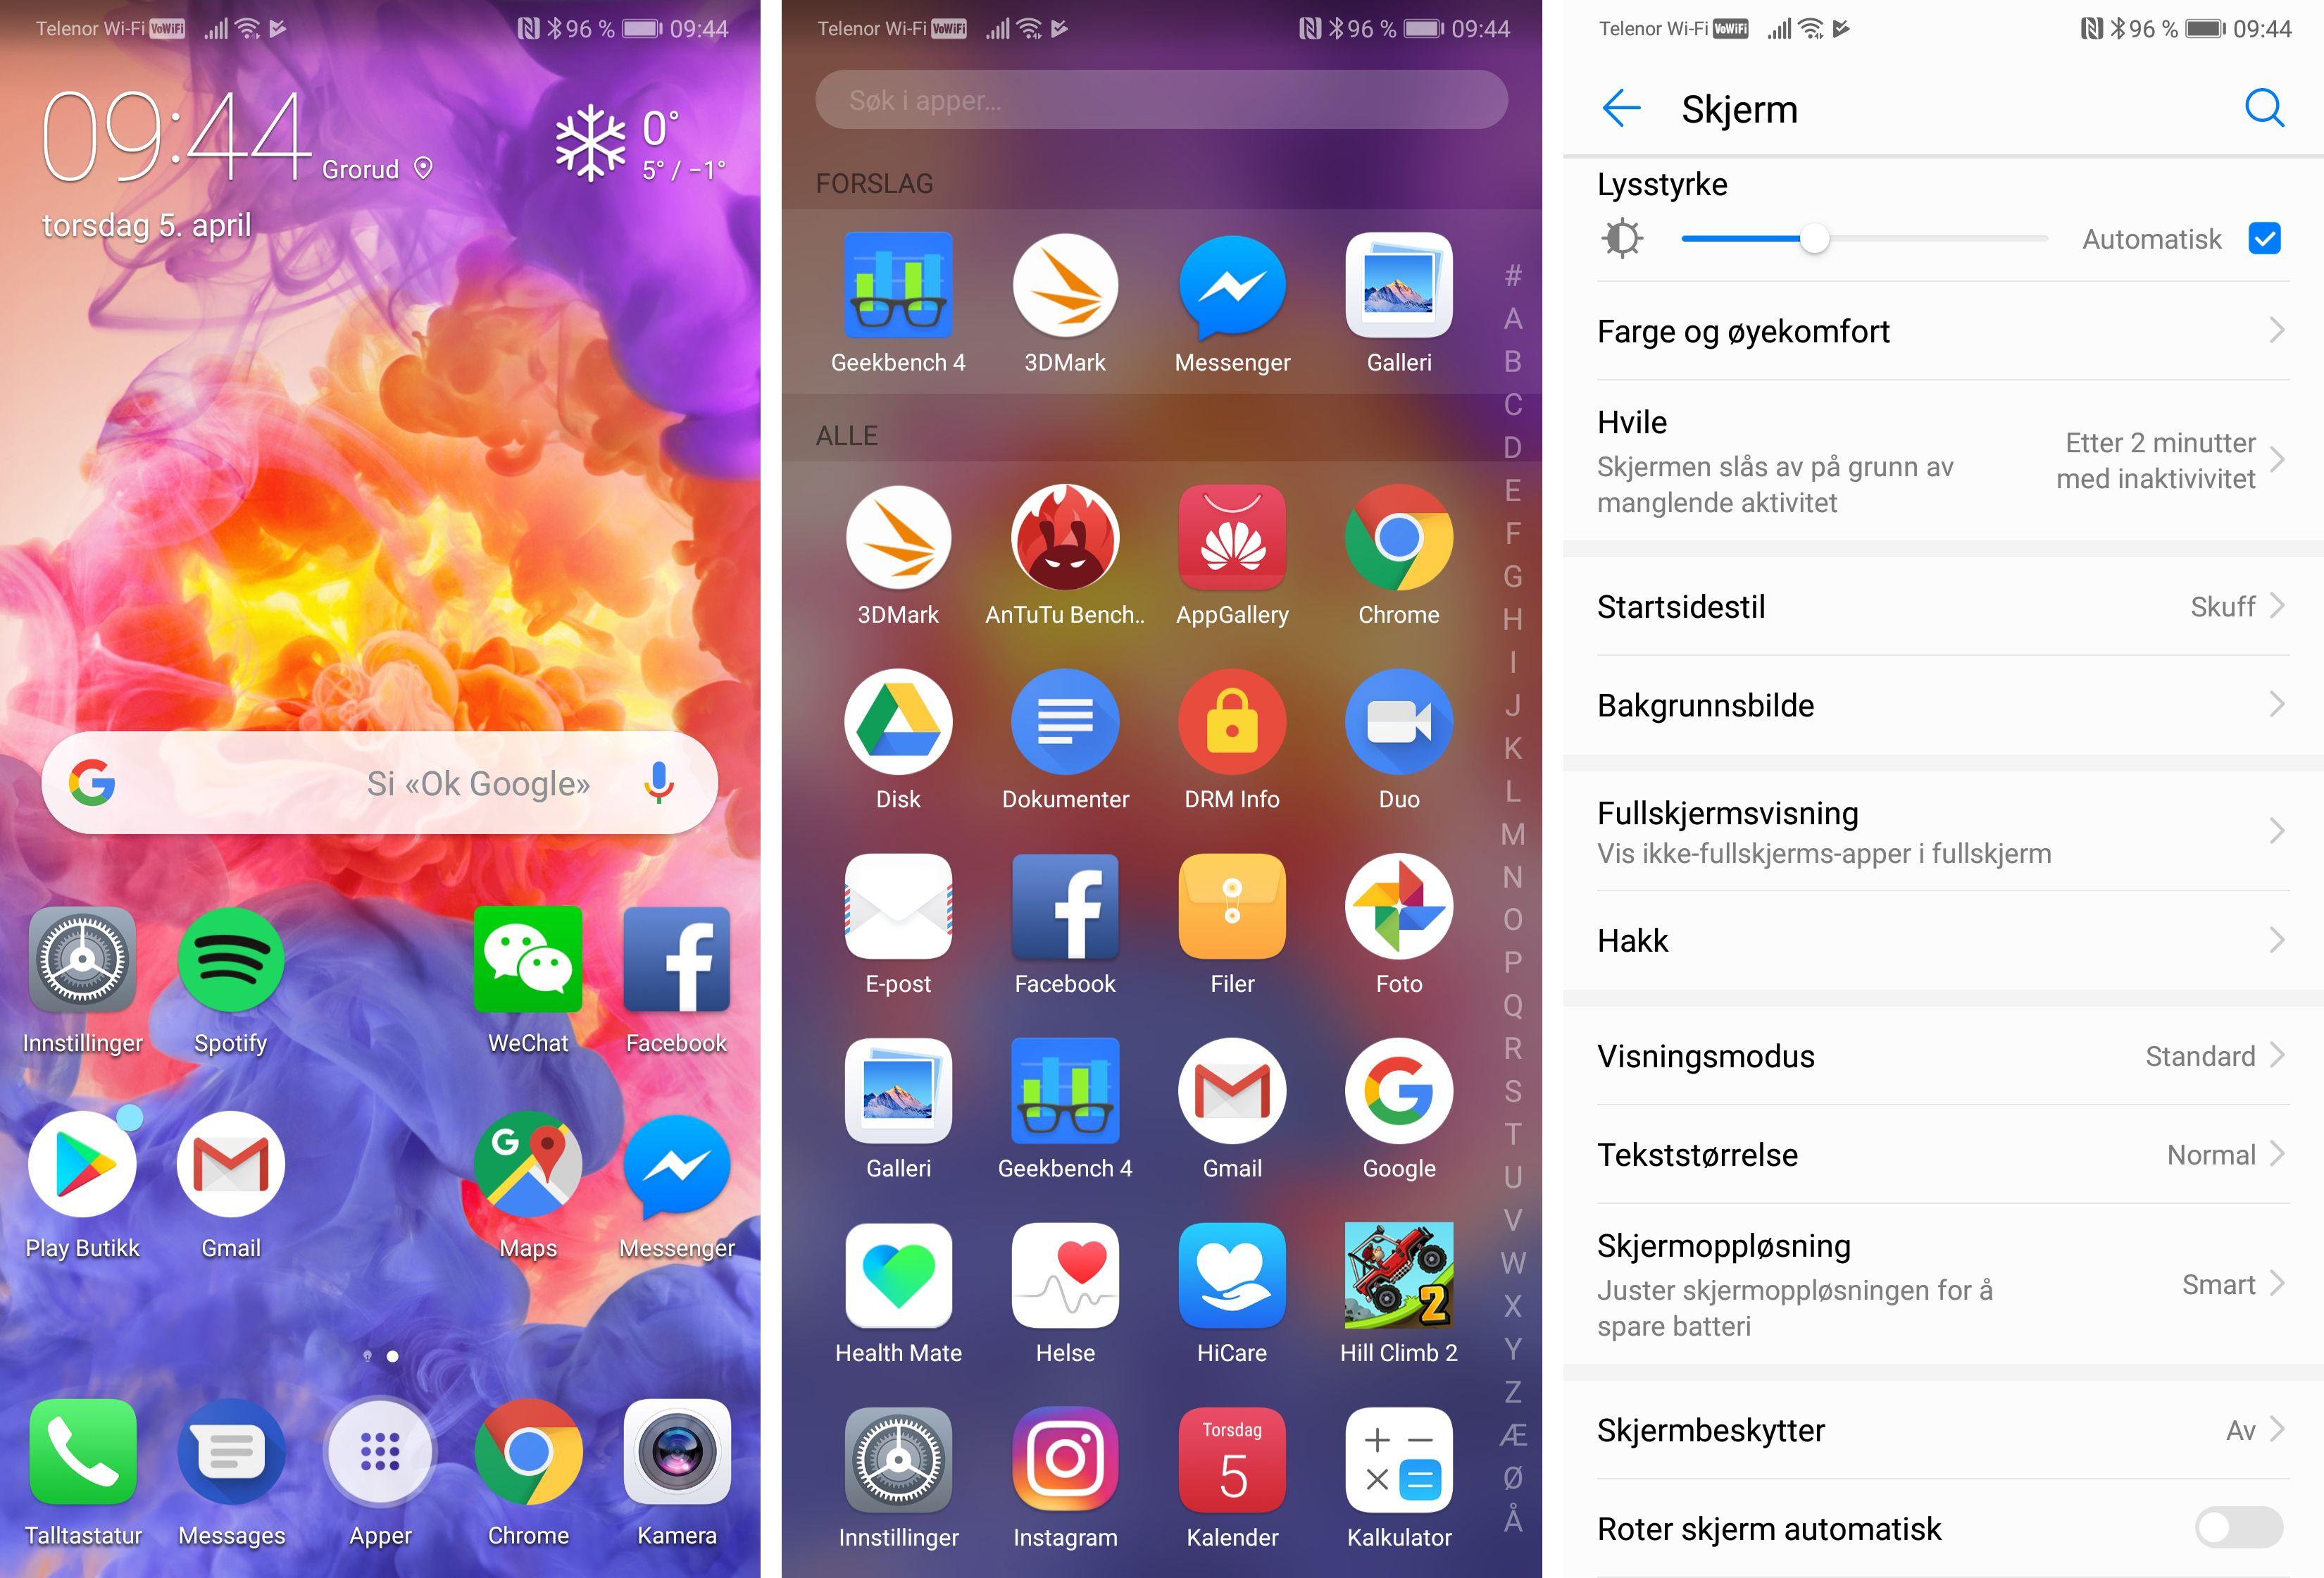 P20 Pro har lekker skjerm og som alltid forsøker de fargerike bakgrunnsbildene å underbygge det. Du kan velge om du vil ha alle appene utover hjemmeskjermene eller om du vil ha tradisjonell appskuff på mobilen, slik jeg har valgt her.